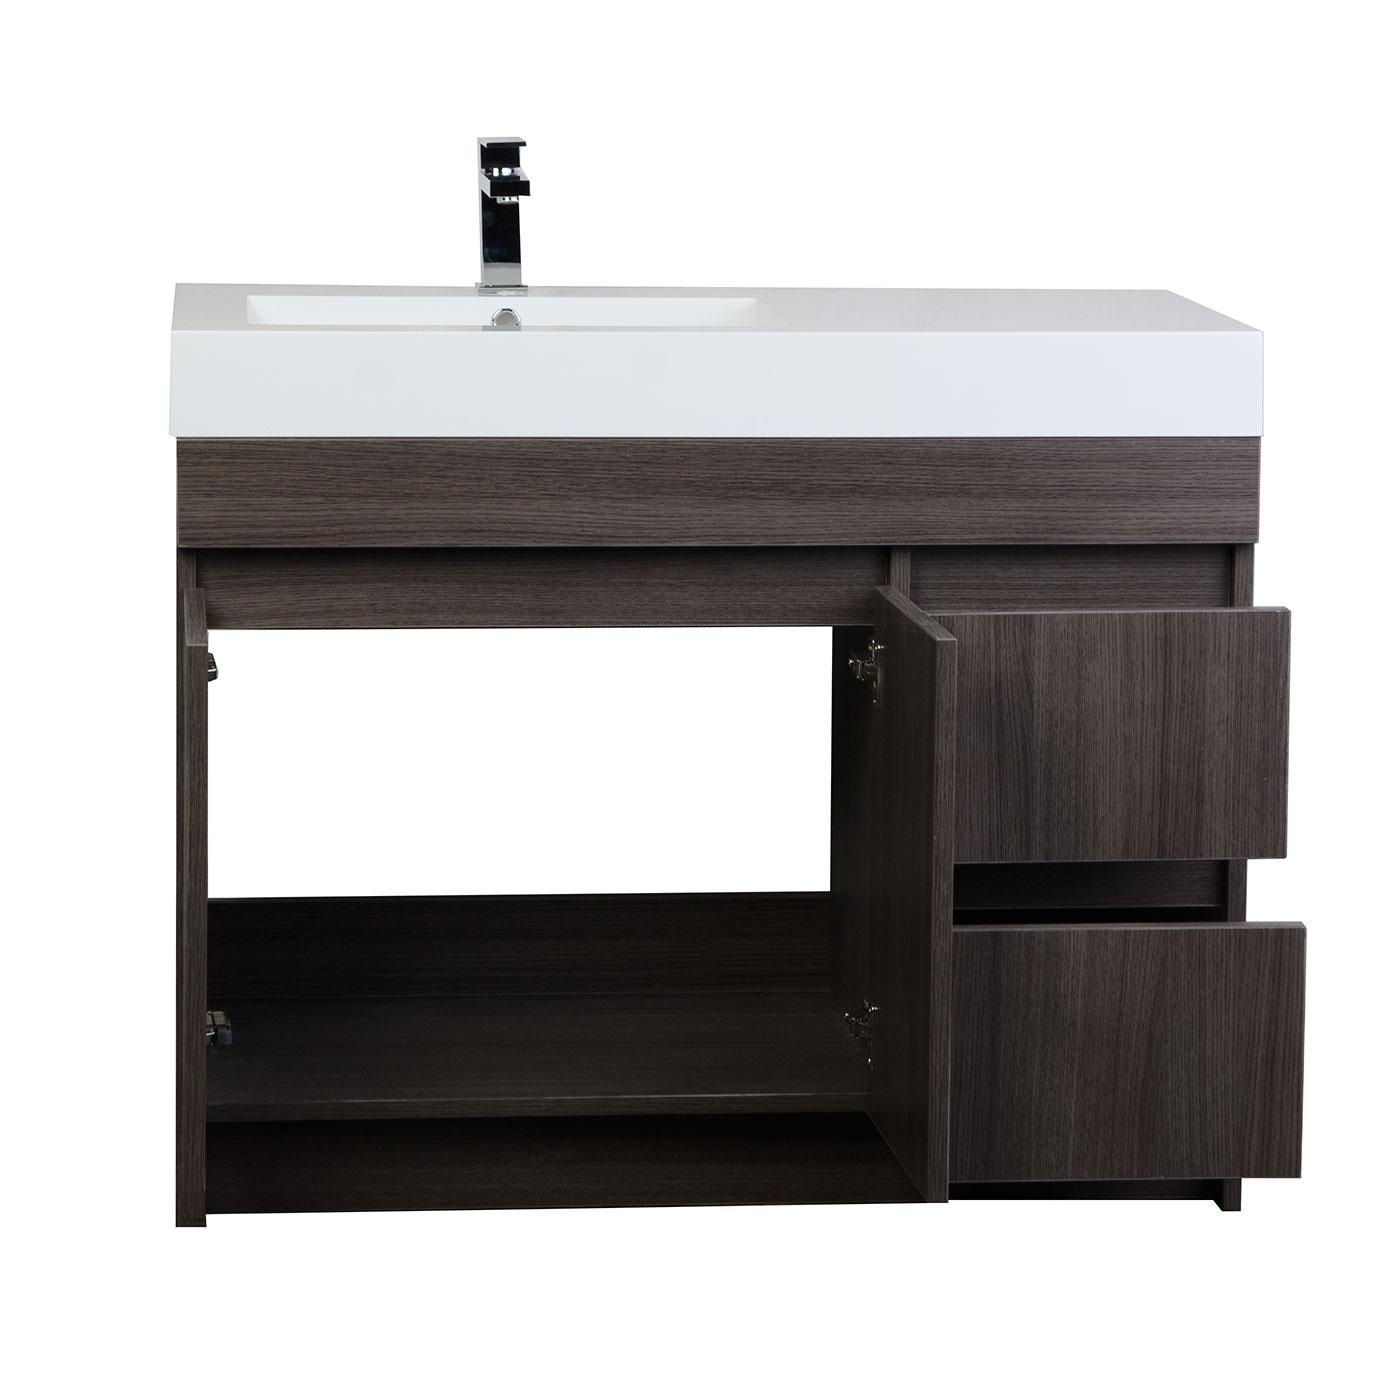 39 5 in modern bathroom vanity grey oak finish rs l1000 for Oak bathroom vanity